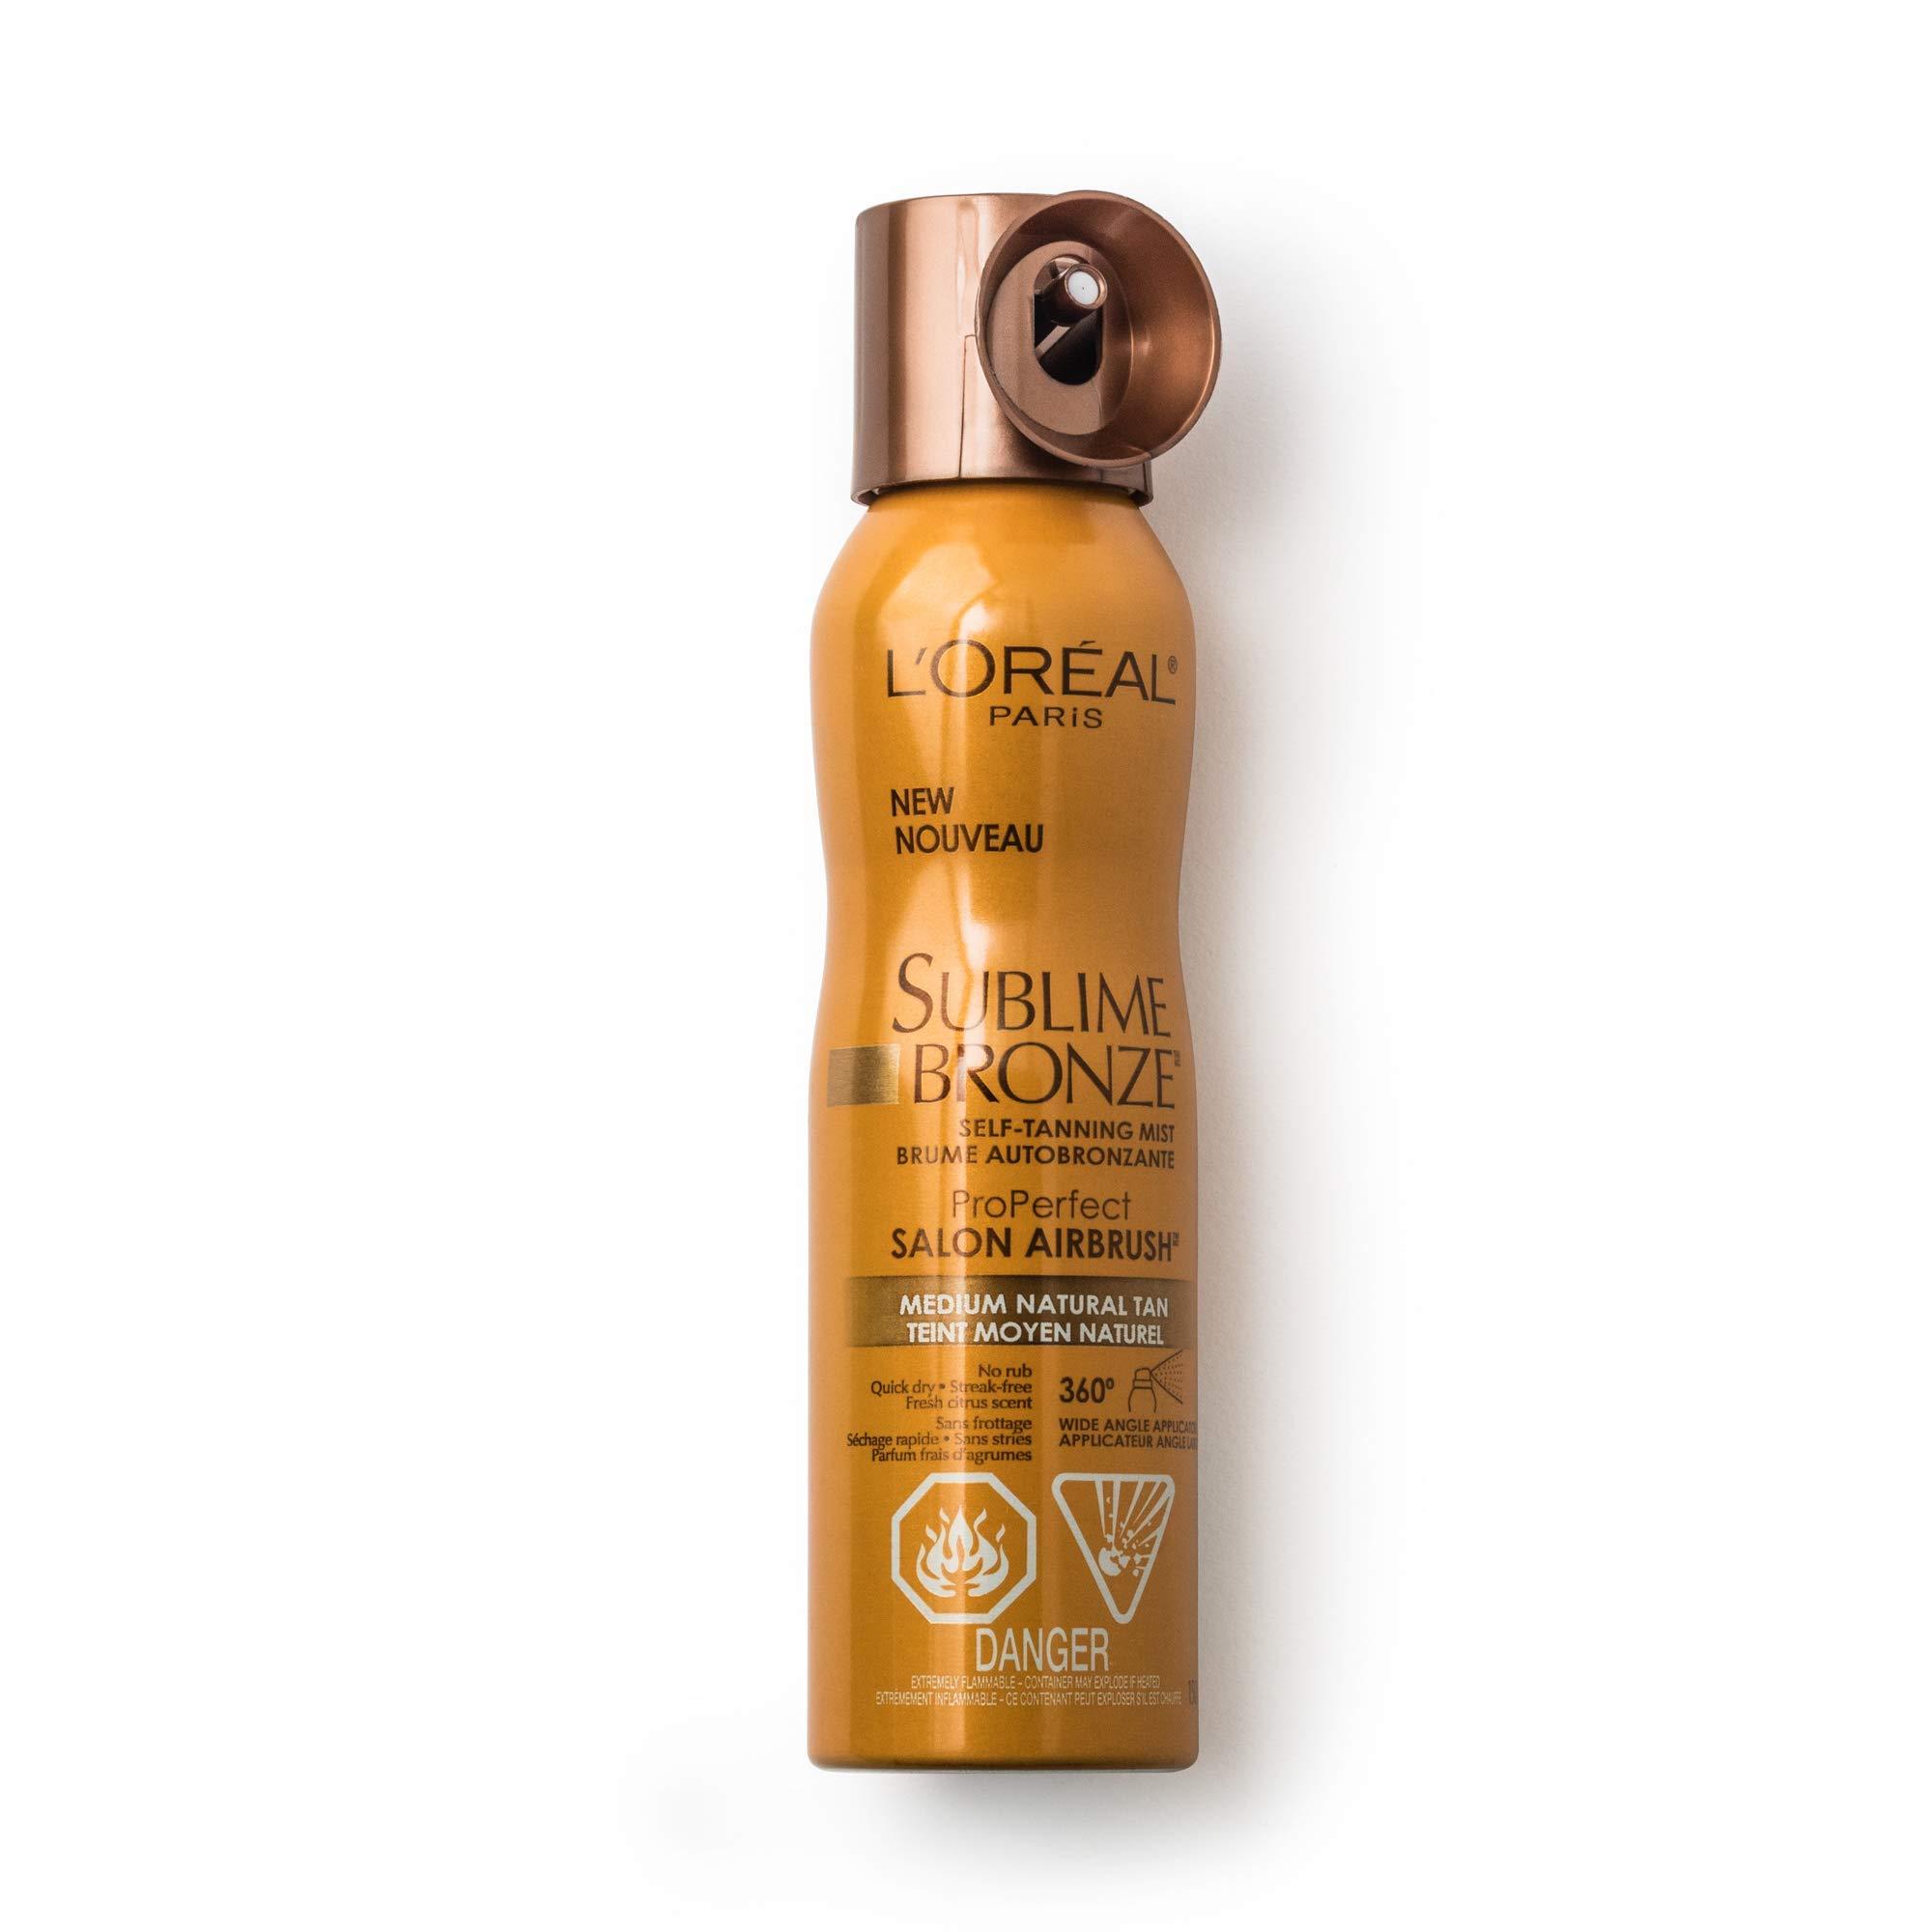 L'Oreal Paris Sublime Bronze Self Tanning Mist, 4.6 oz.